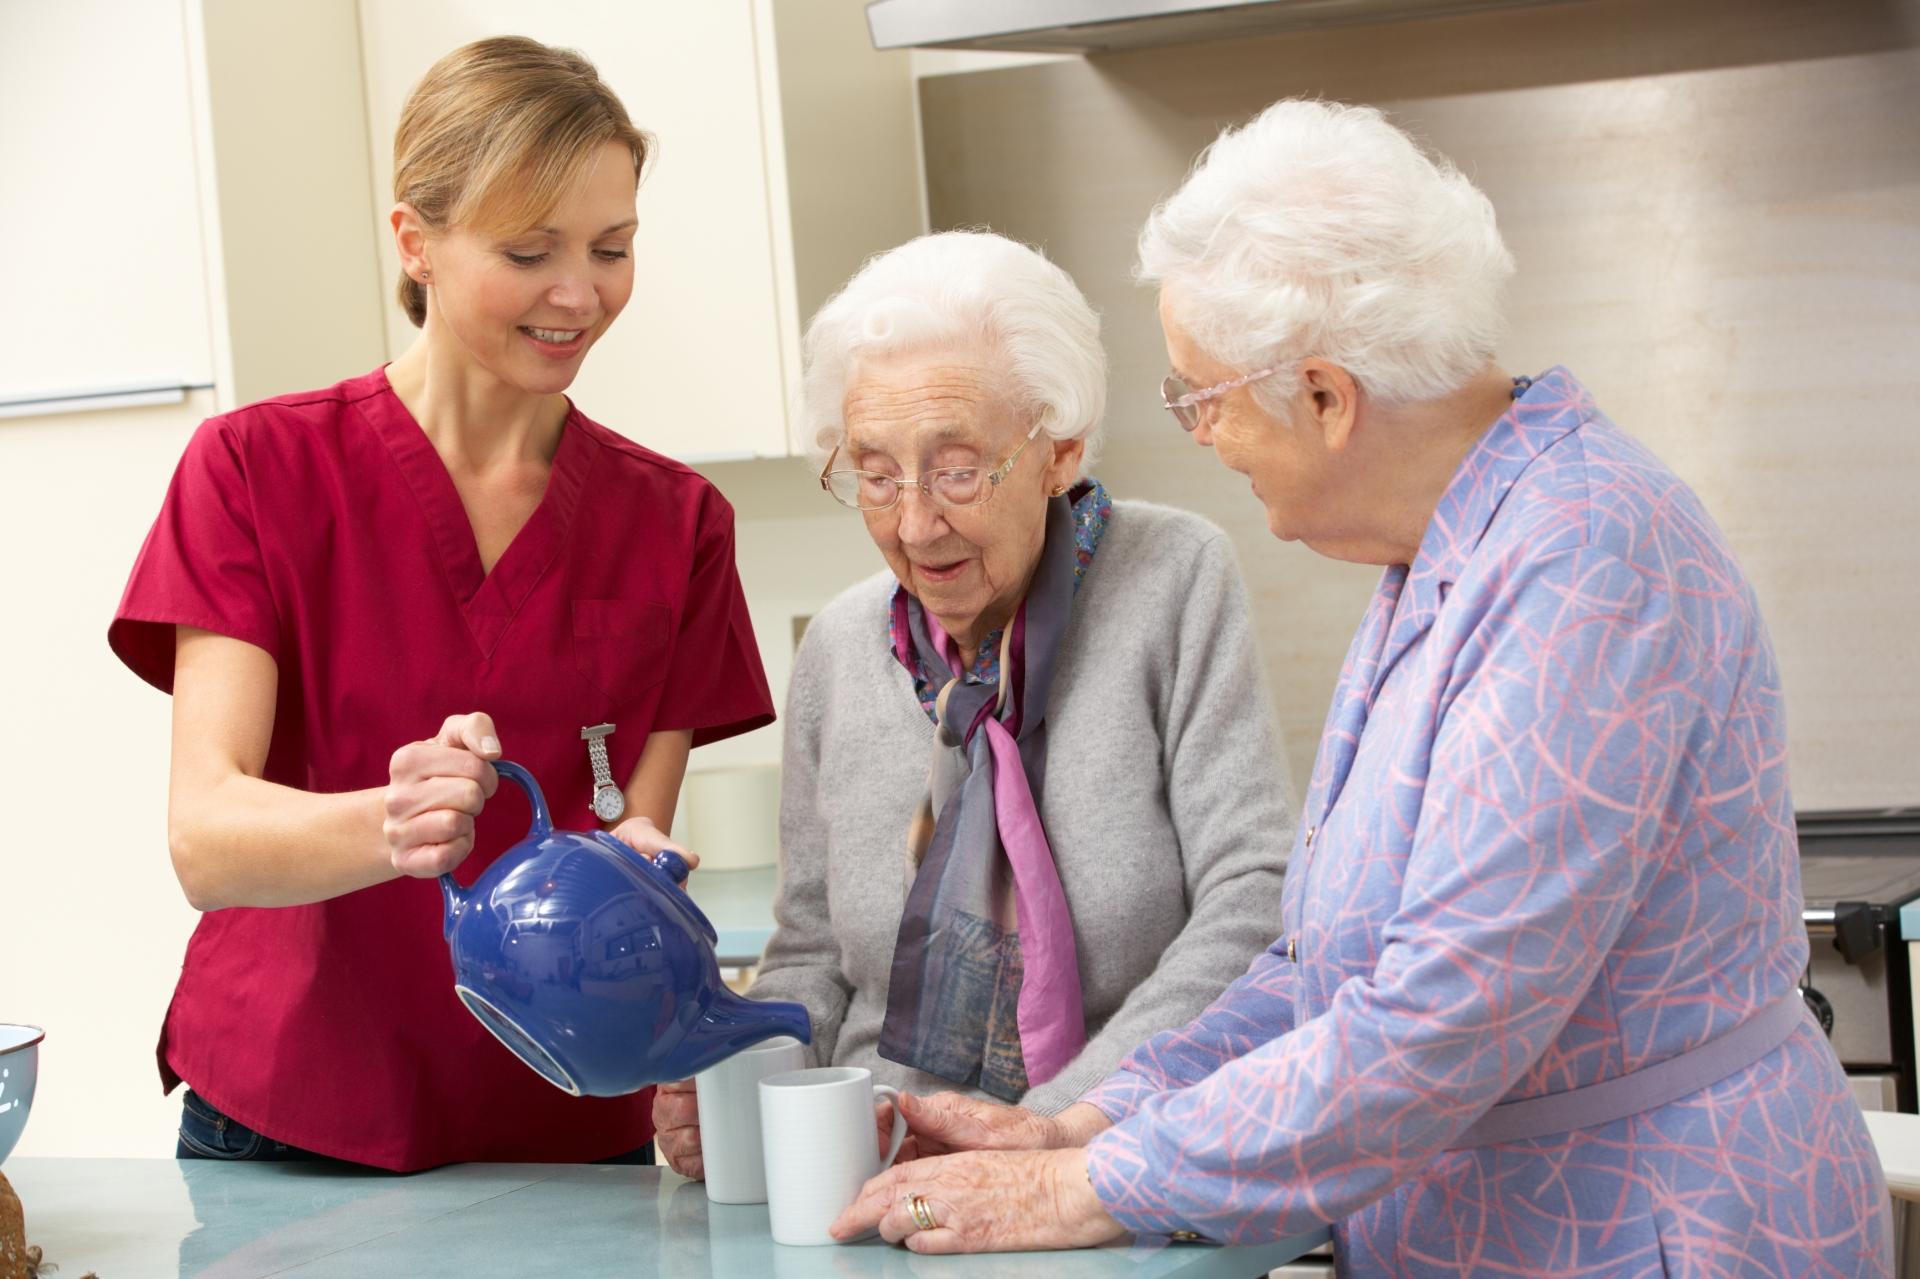 Caregiver helping a senior.